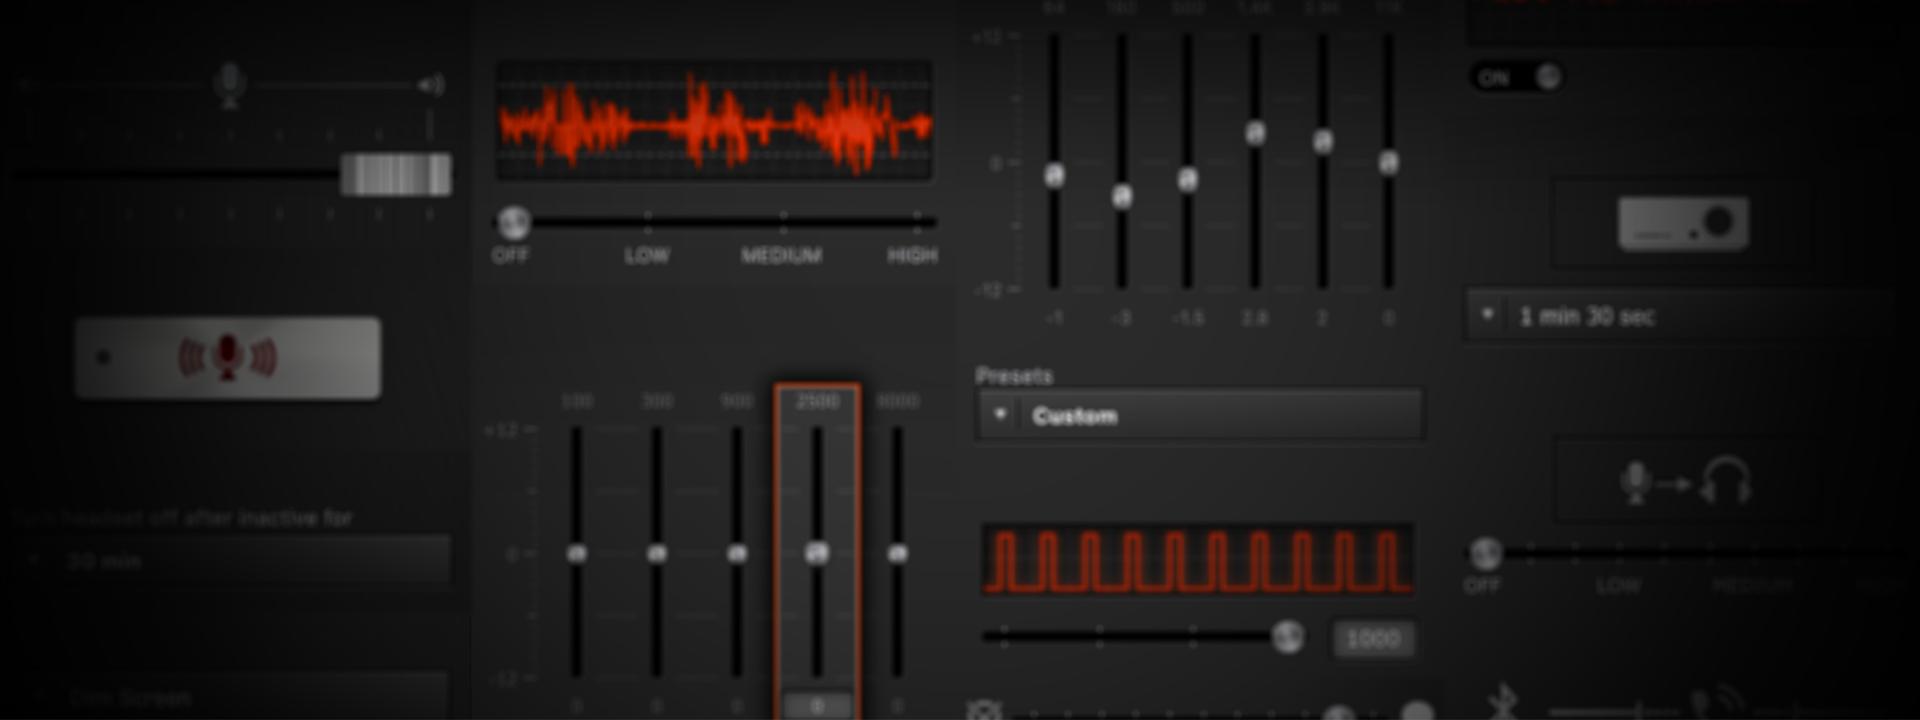 Personnalisez votre audio